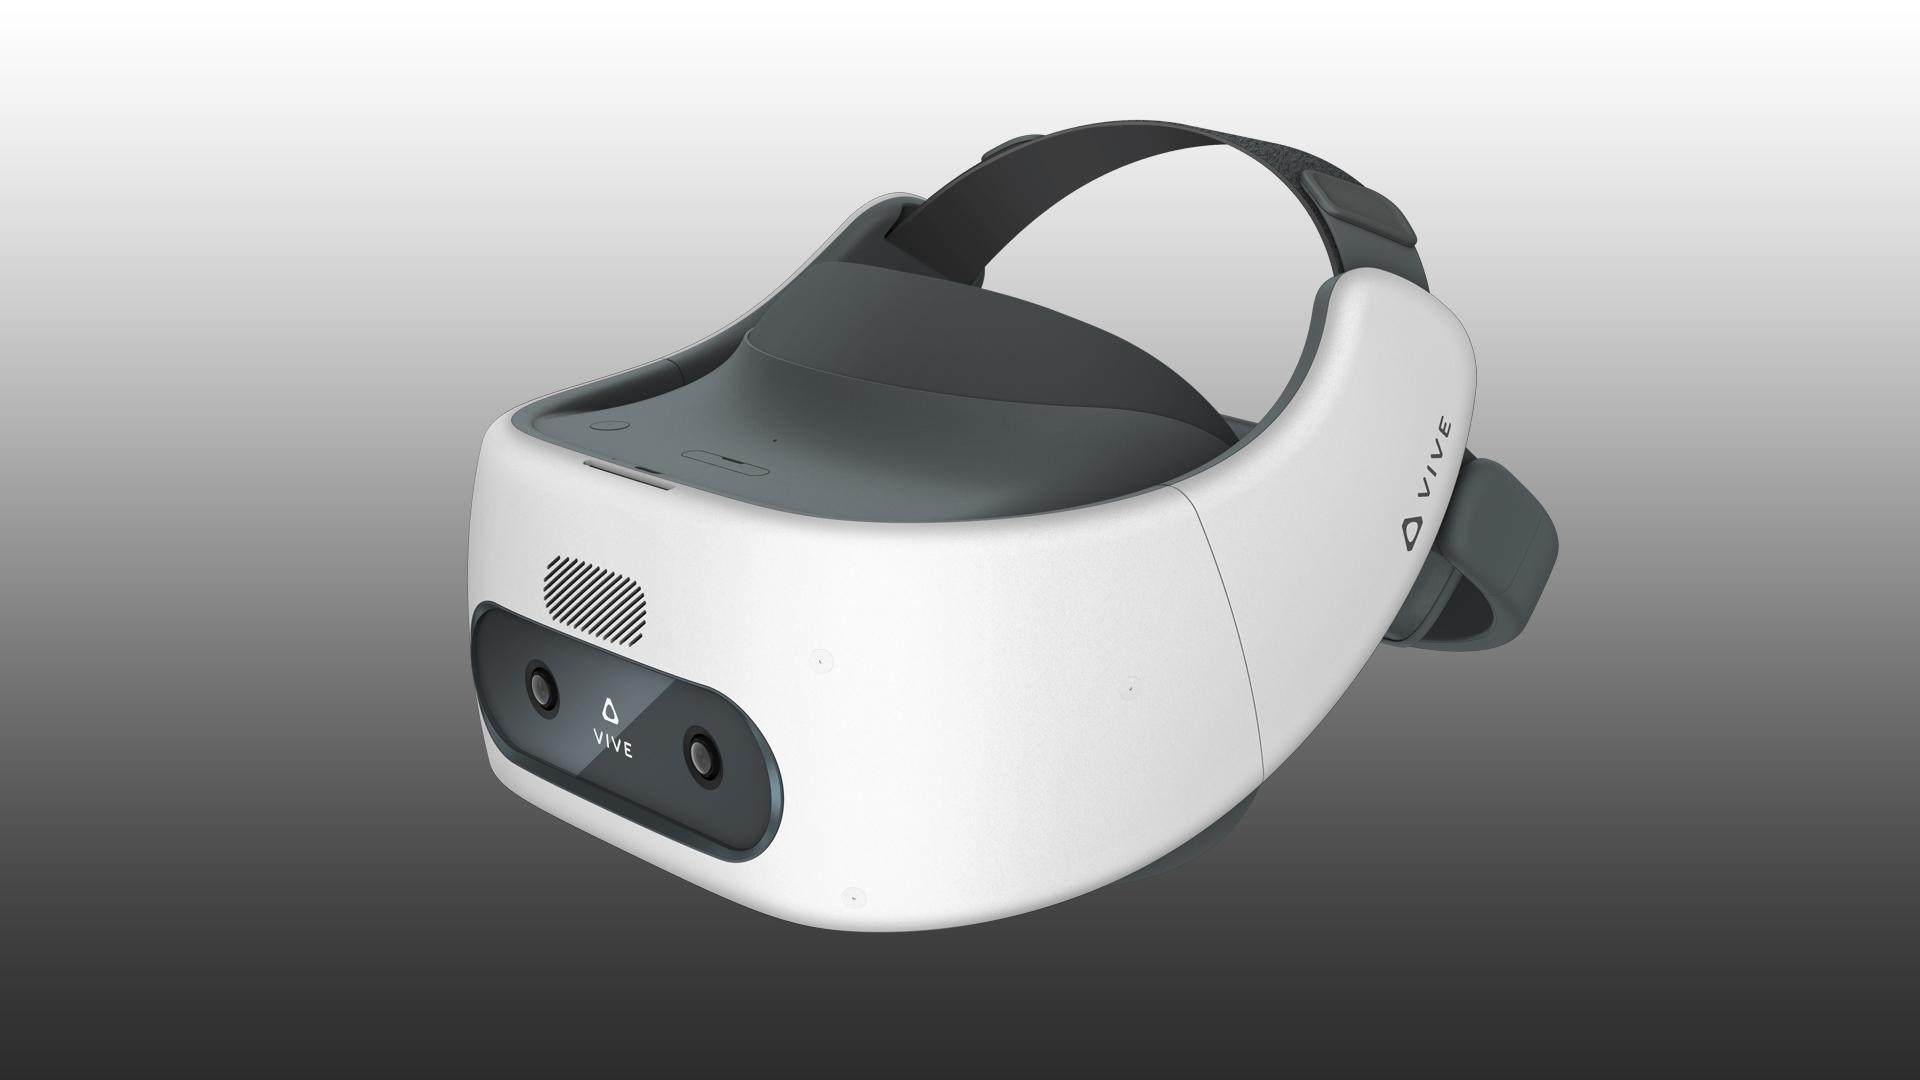 کیت واقعیت مجازی مستقل اچتیسی از طریق وایفای محتوای کامپیوتر را استریم خواهد کرد